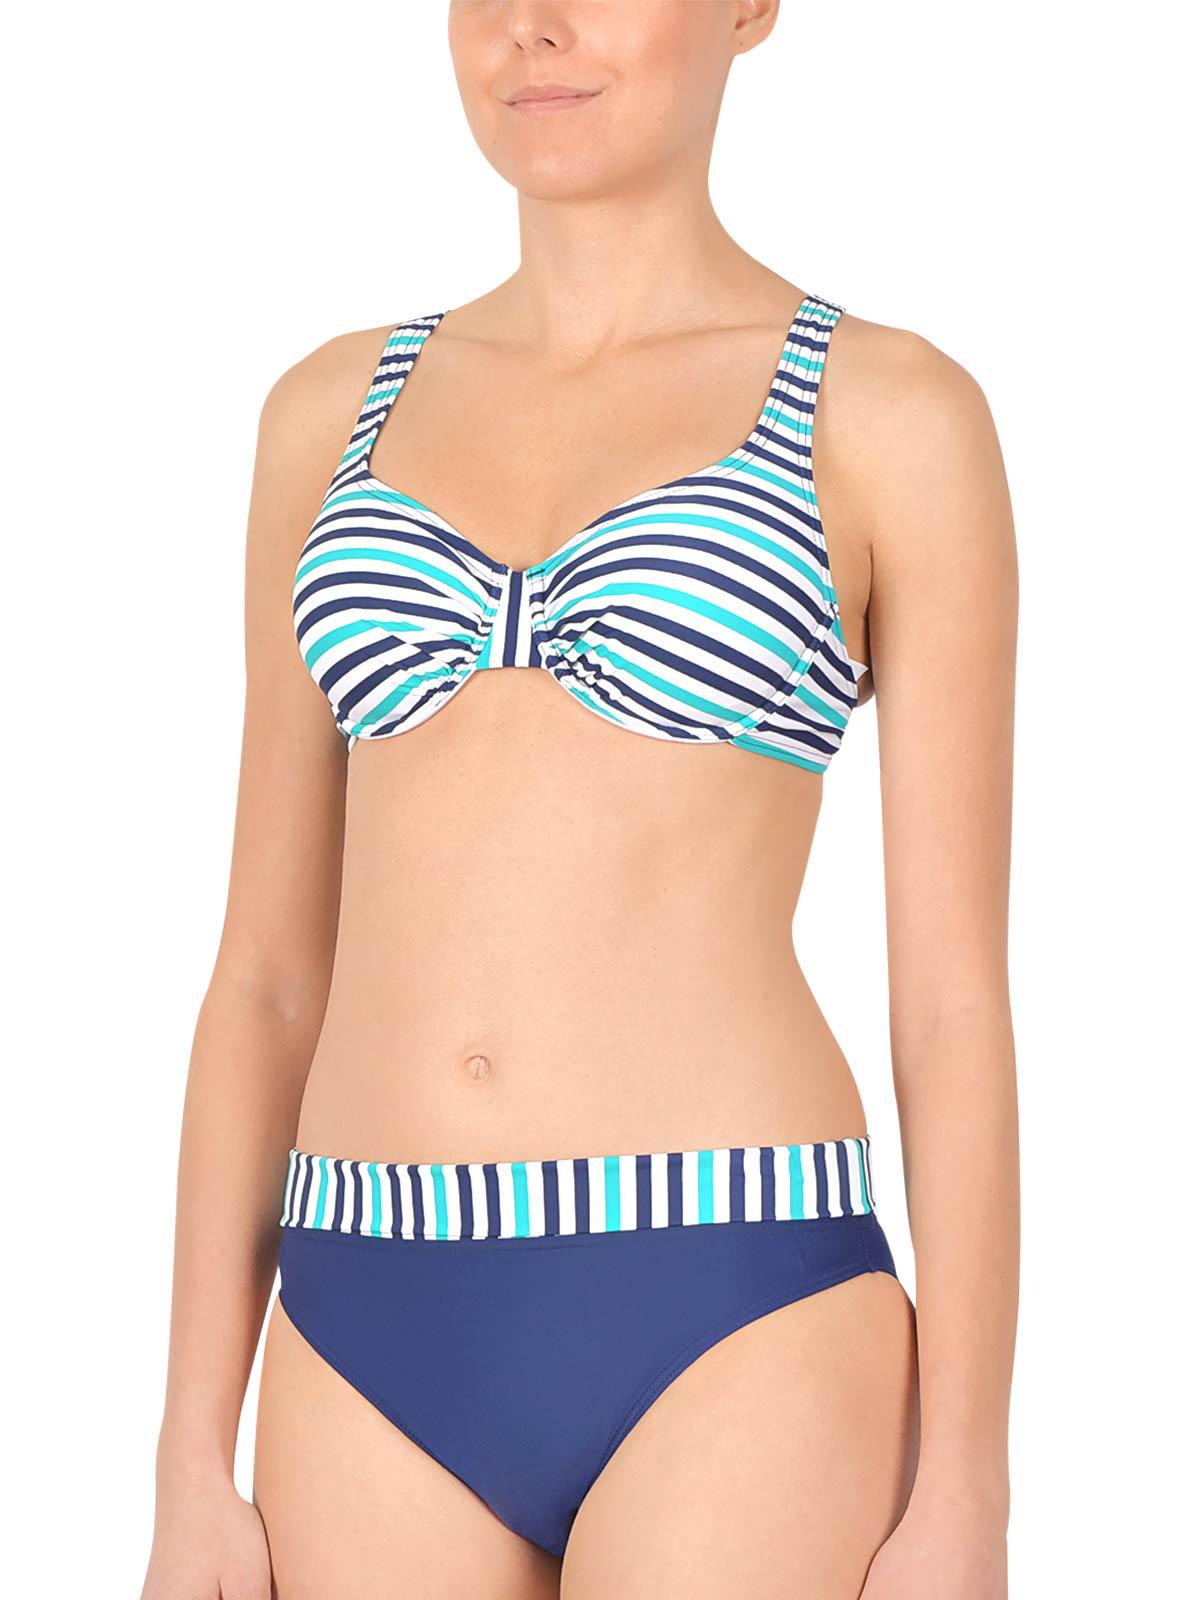 NATURANA Bügel-Bikini mit herausnehmbaren Pads 72518 Gr. 36-46 B-E